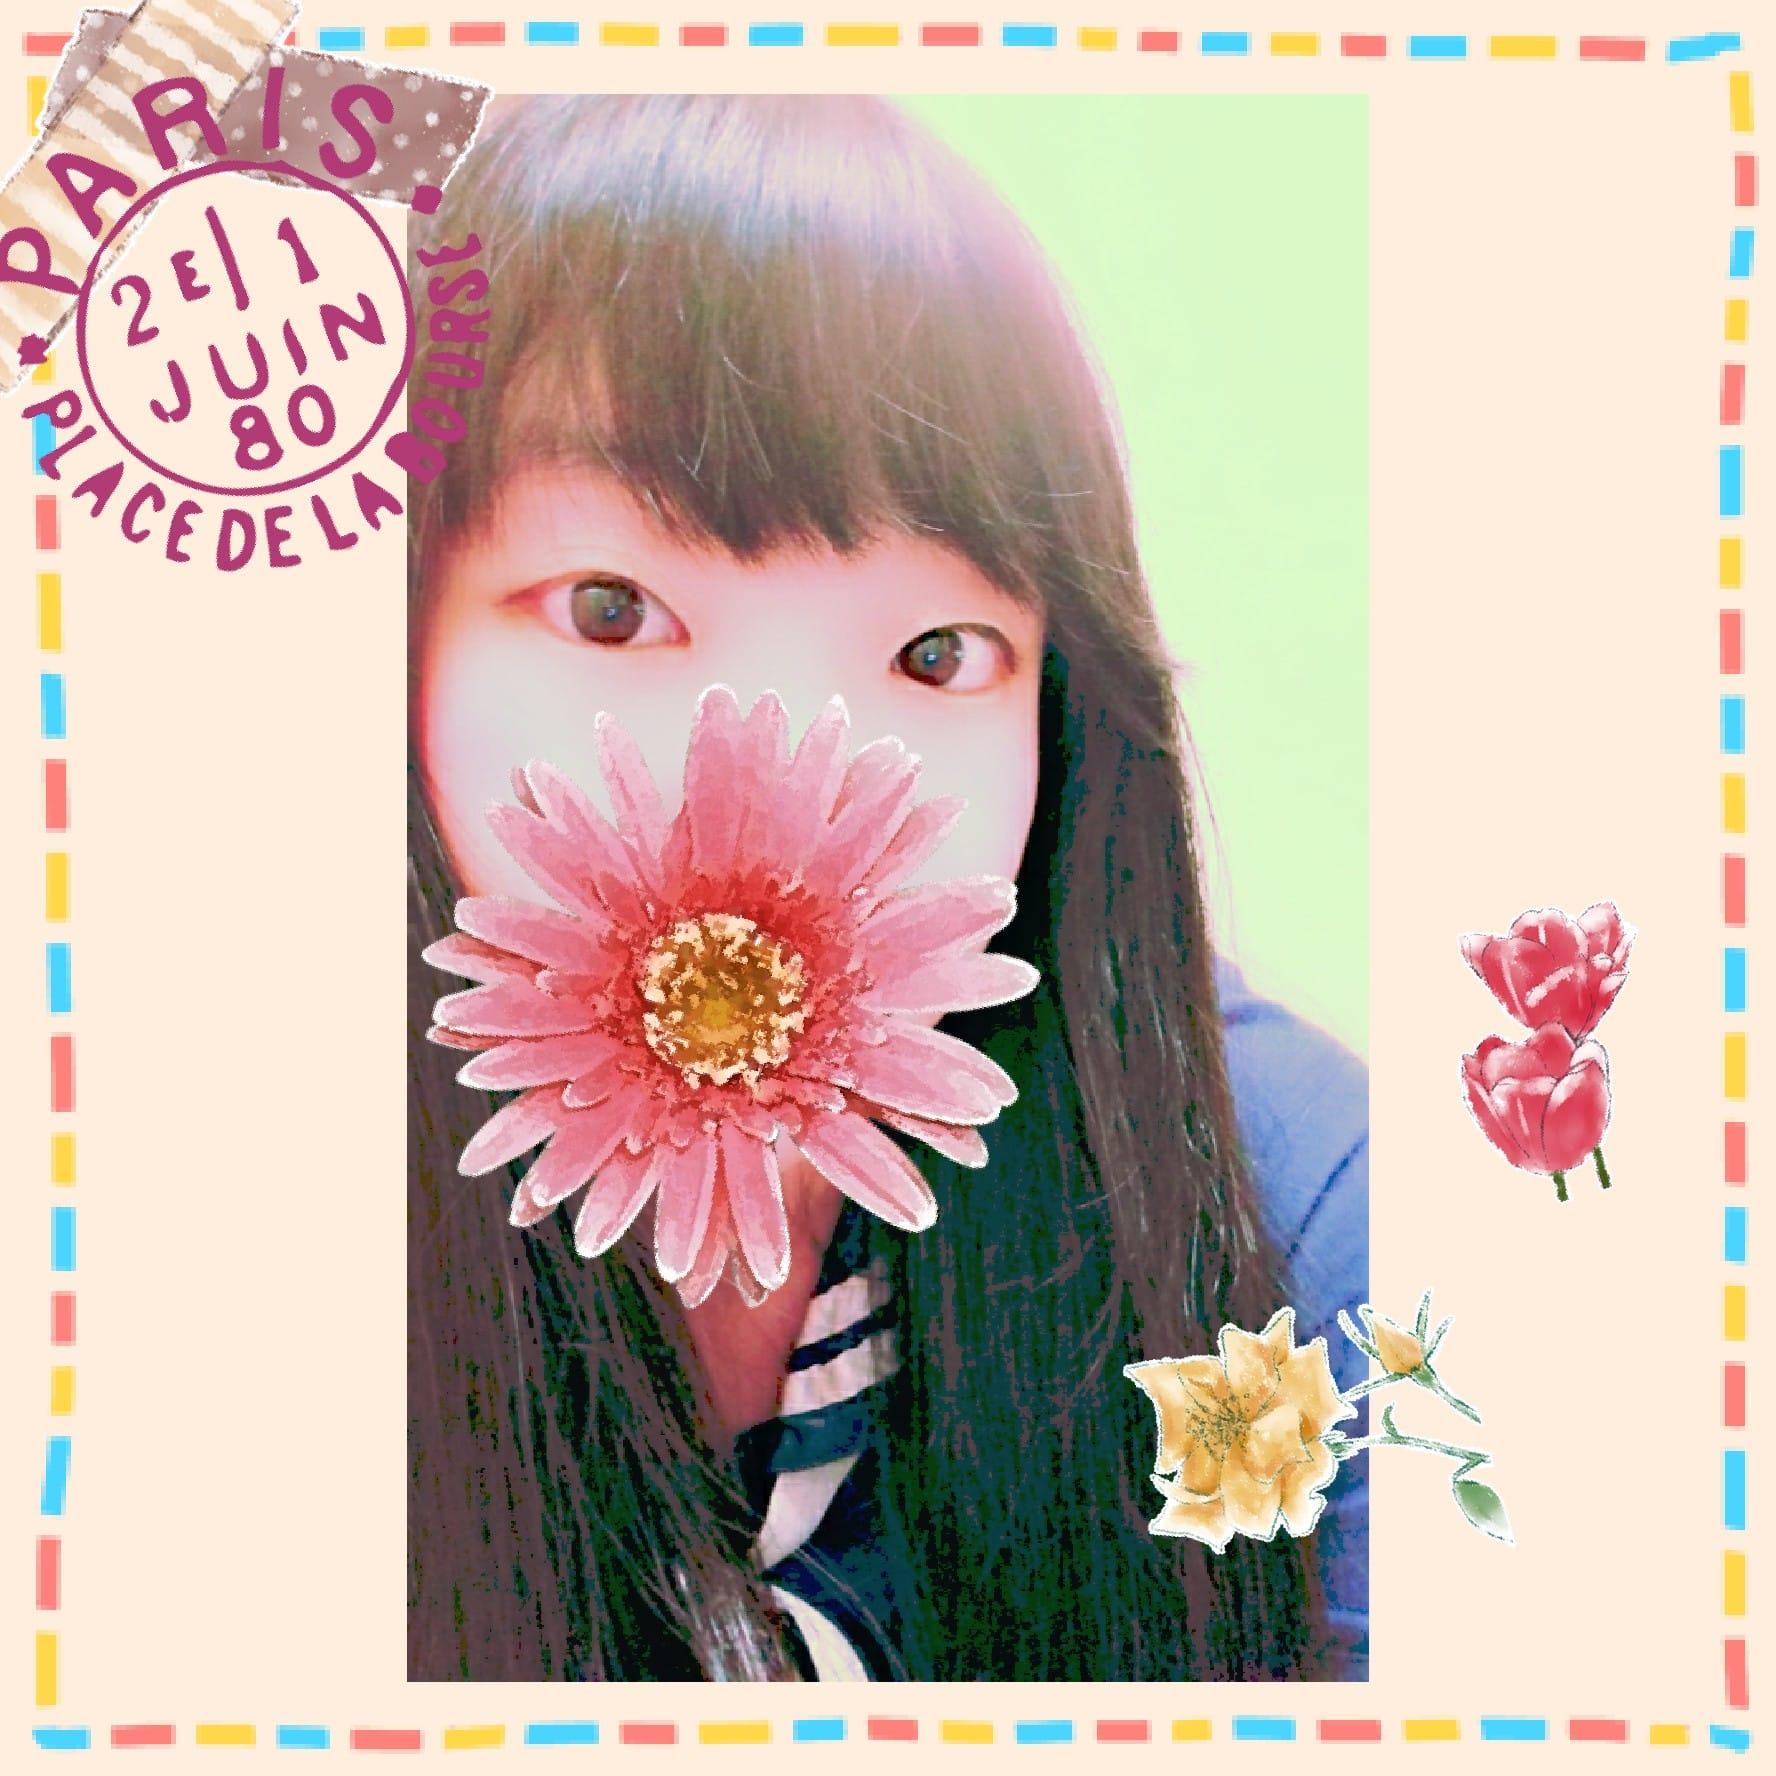 「今日はありがとう♡」02/23(02/23) 12:41 | しほりの写メ・風俗動画